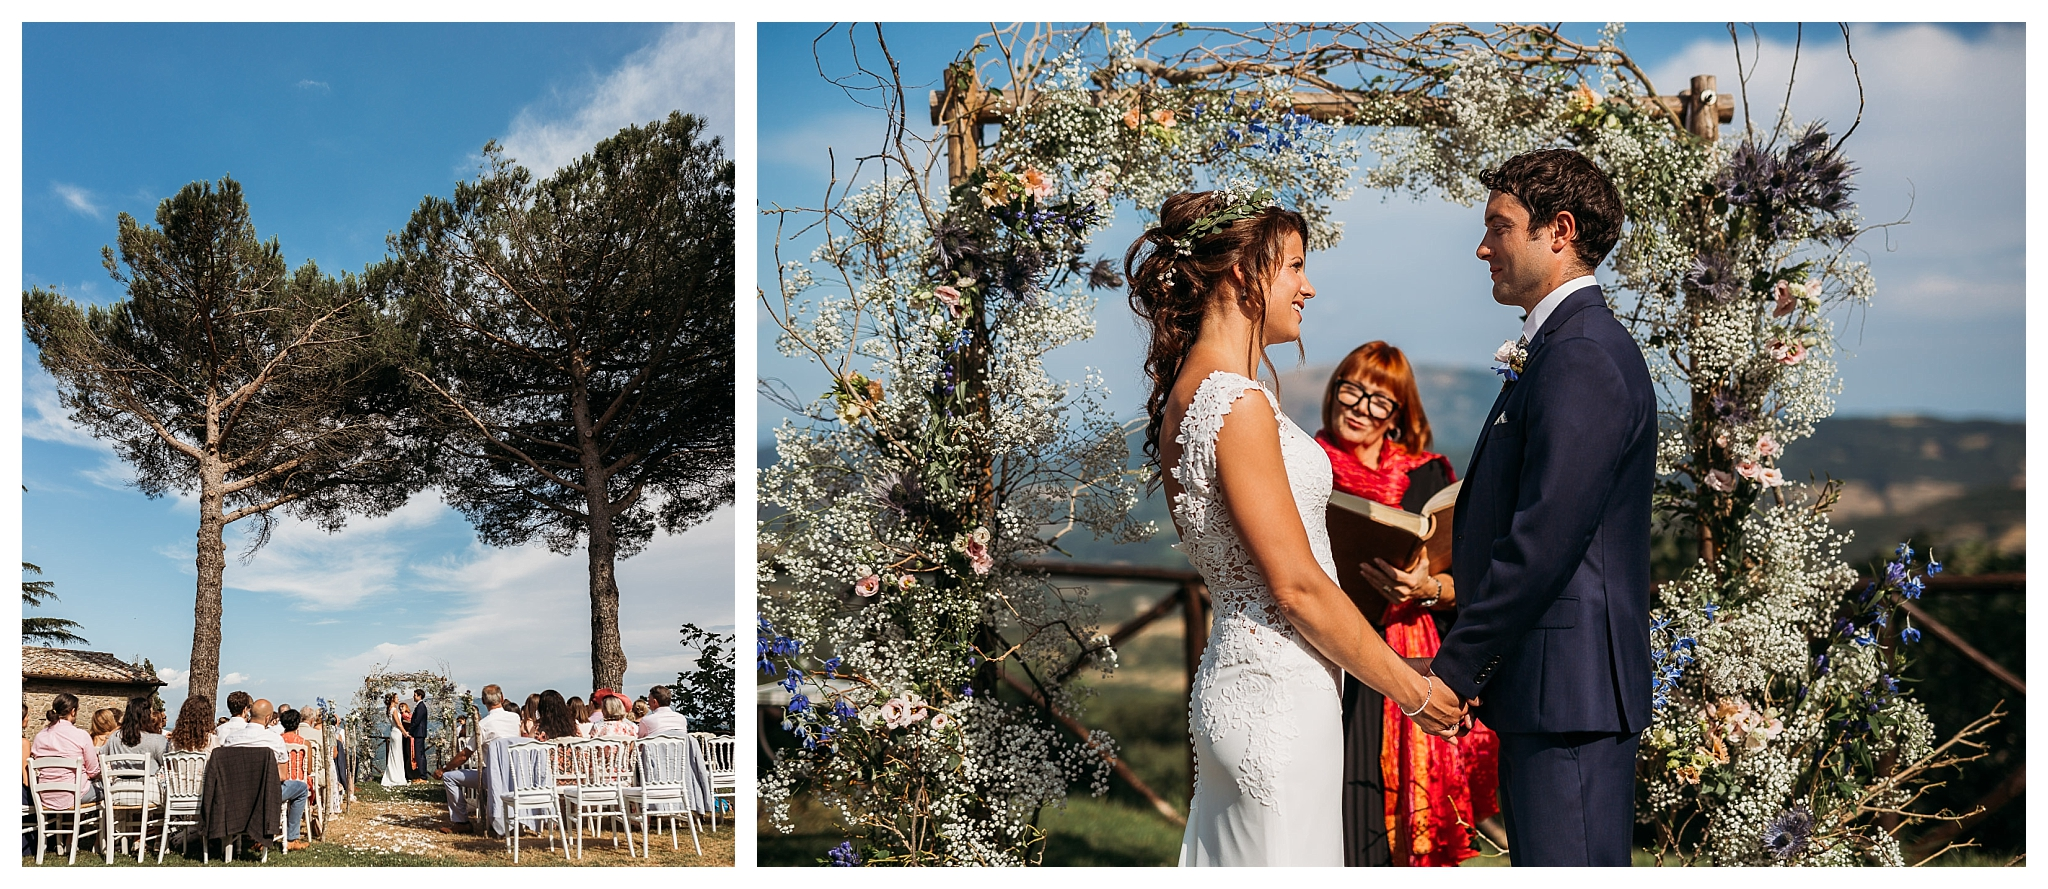 Ceremony in Italy